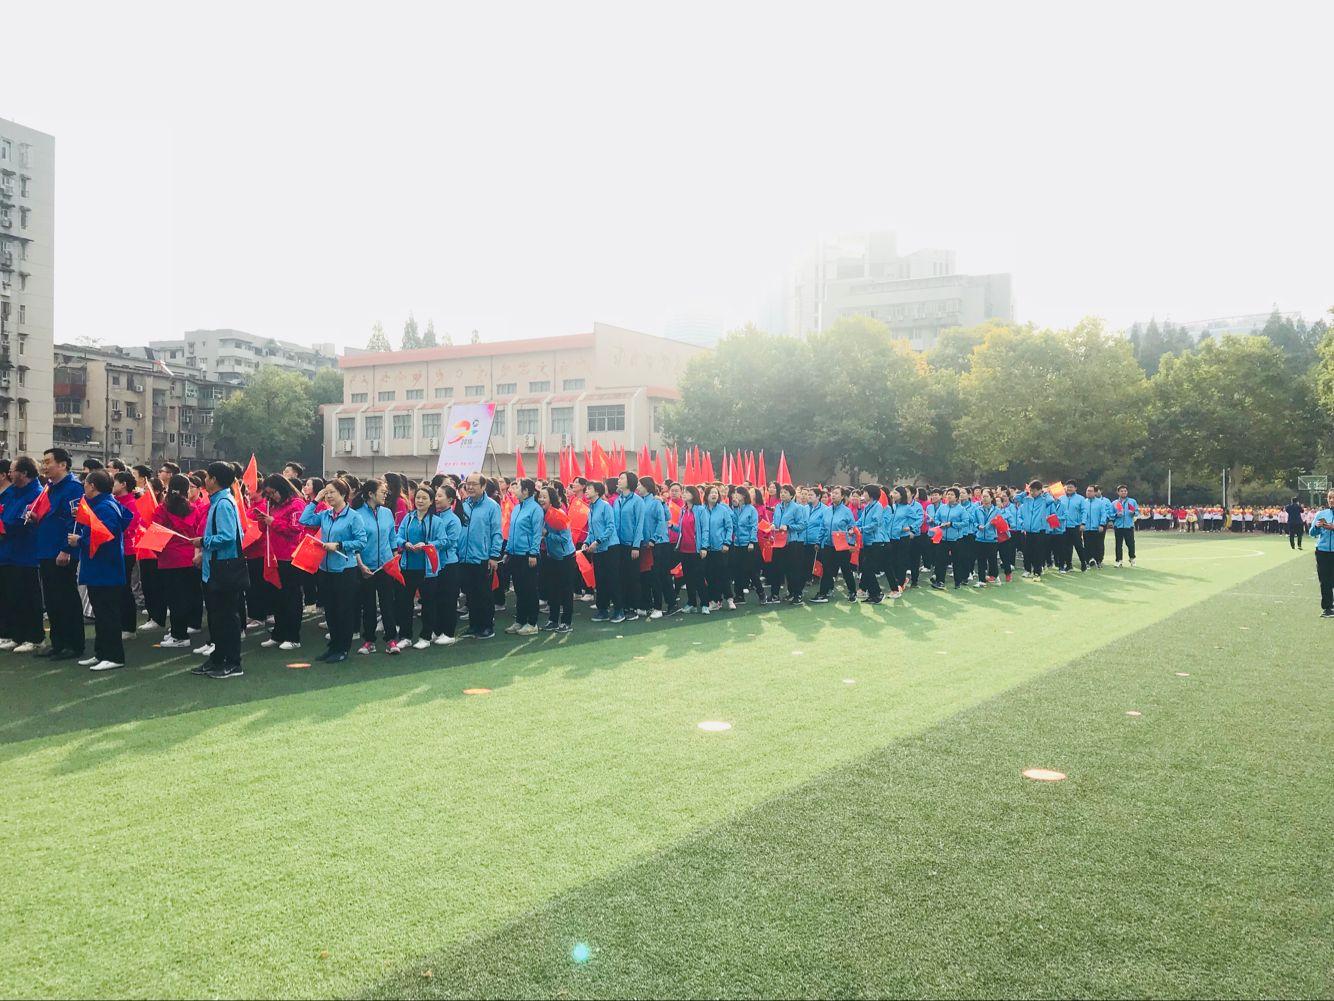 2018年同济花式运动会乐翻全场